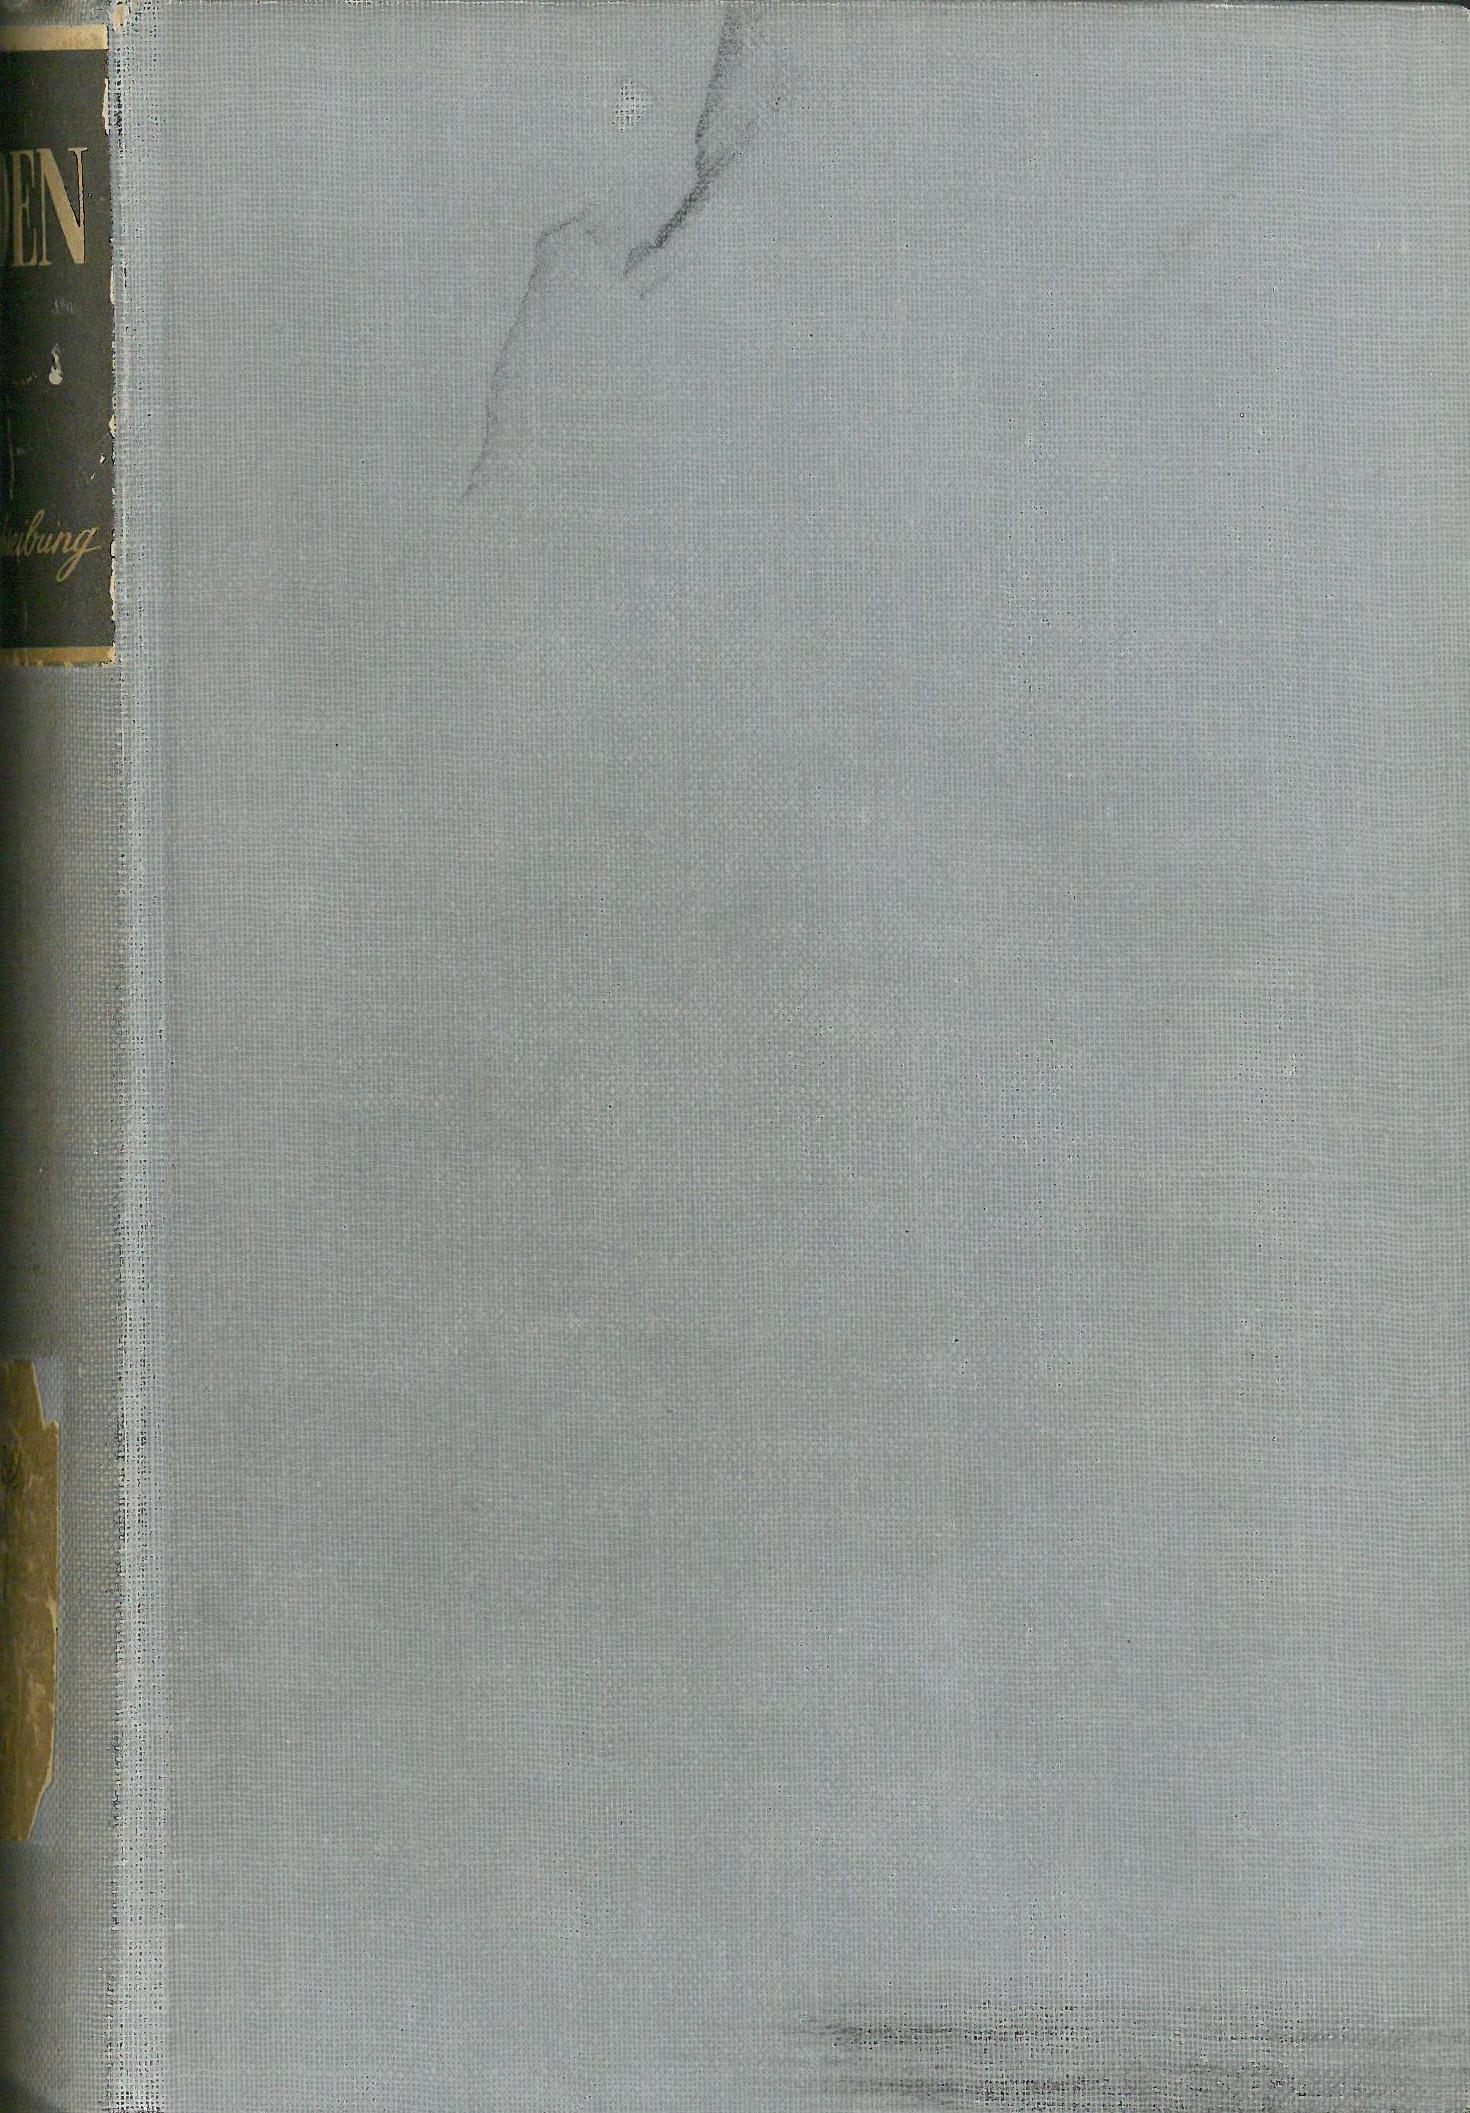 Buchcover Duden von 1941